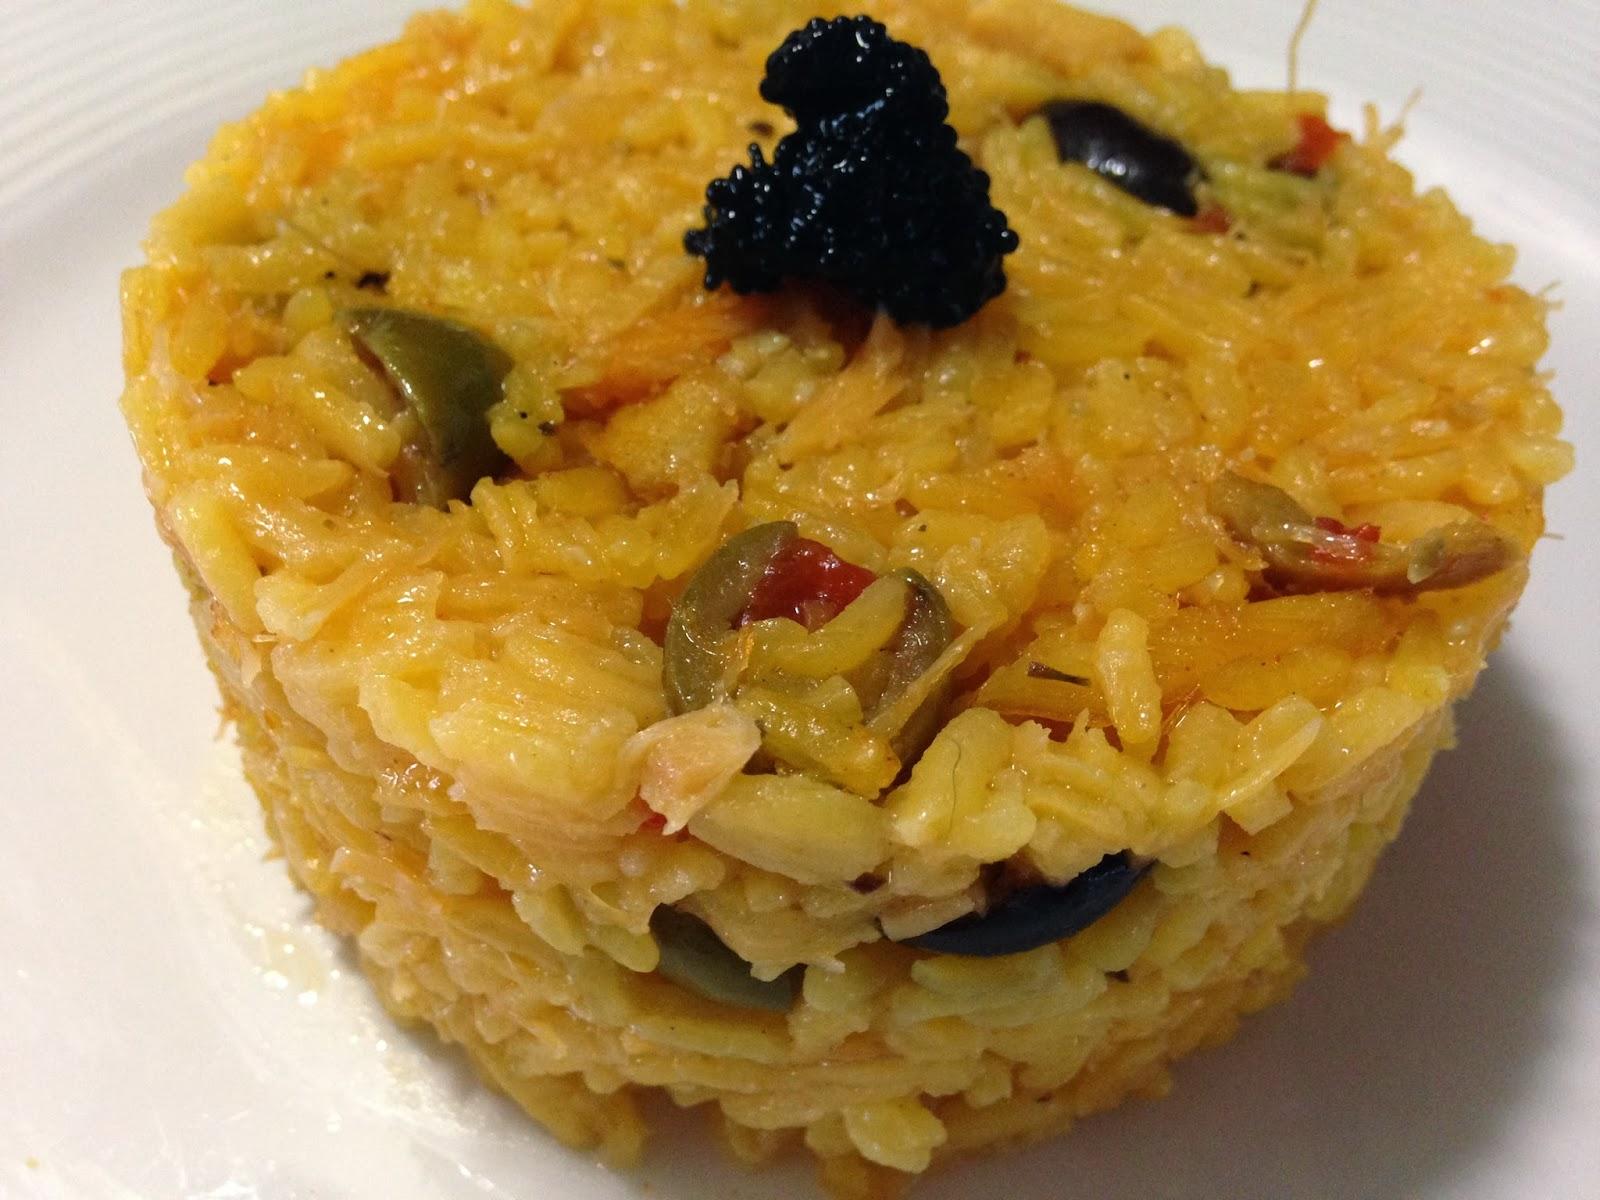 Con mucho gusto mario arroz con bacalao - Arroz blanco con bacalao ...